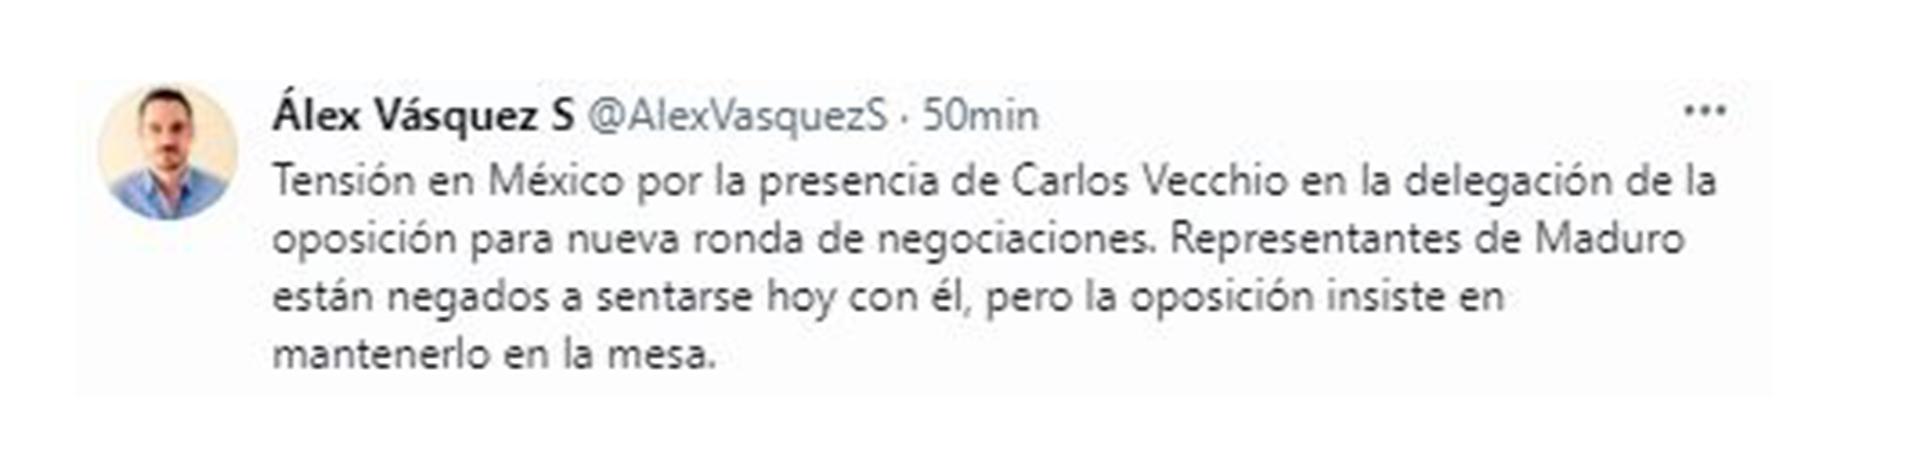 Tweet by Alex Vasquez